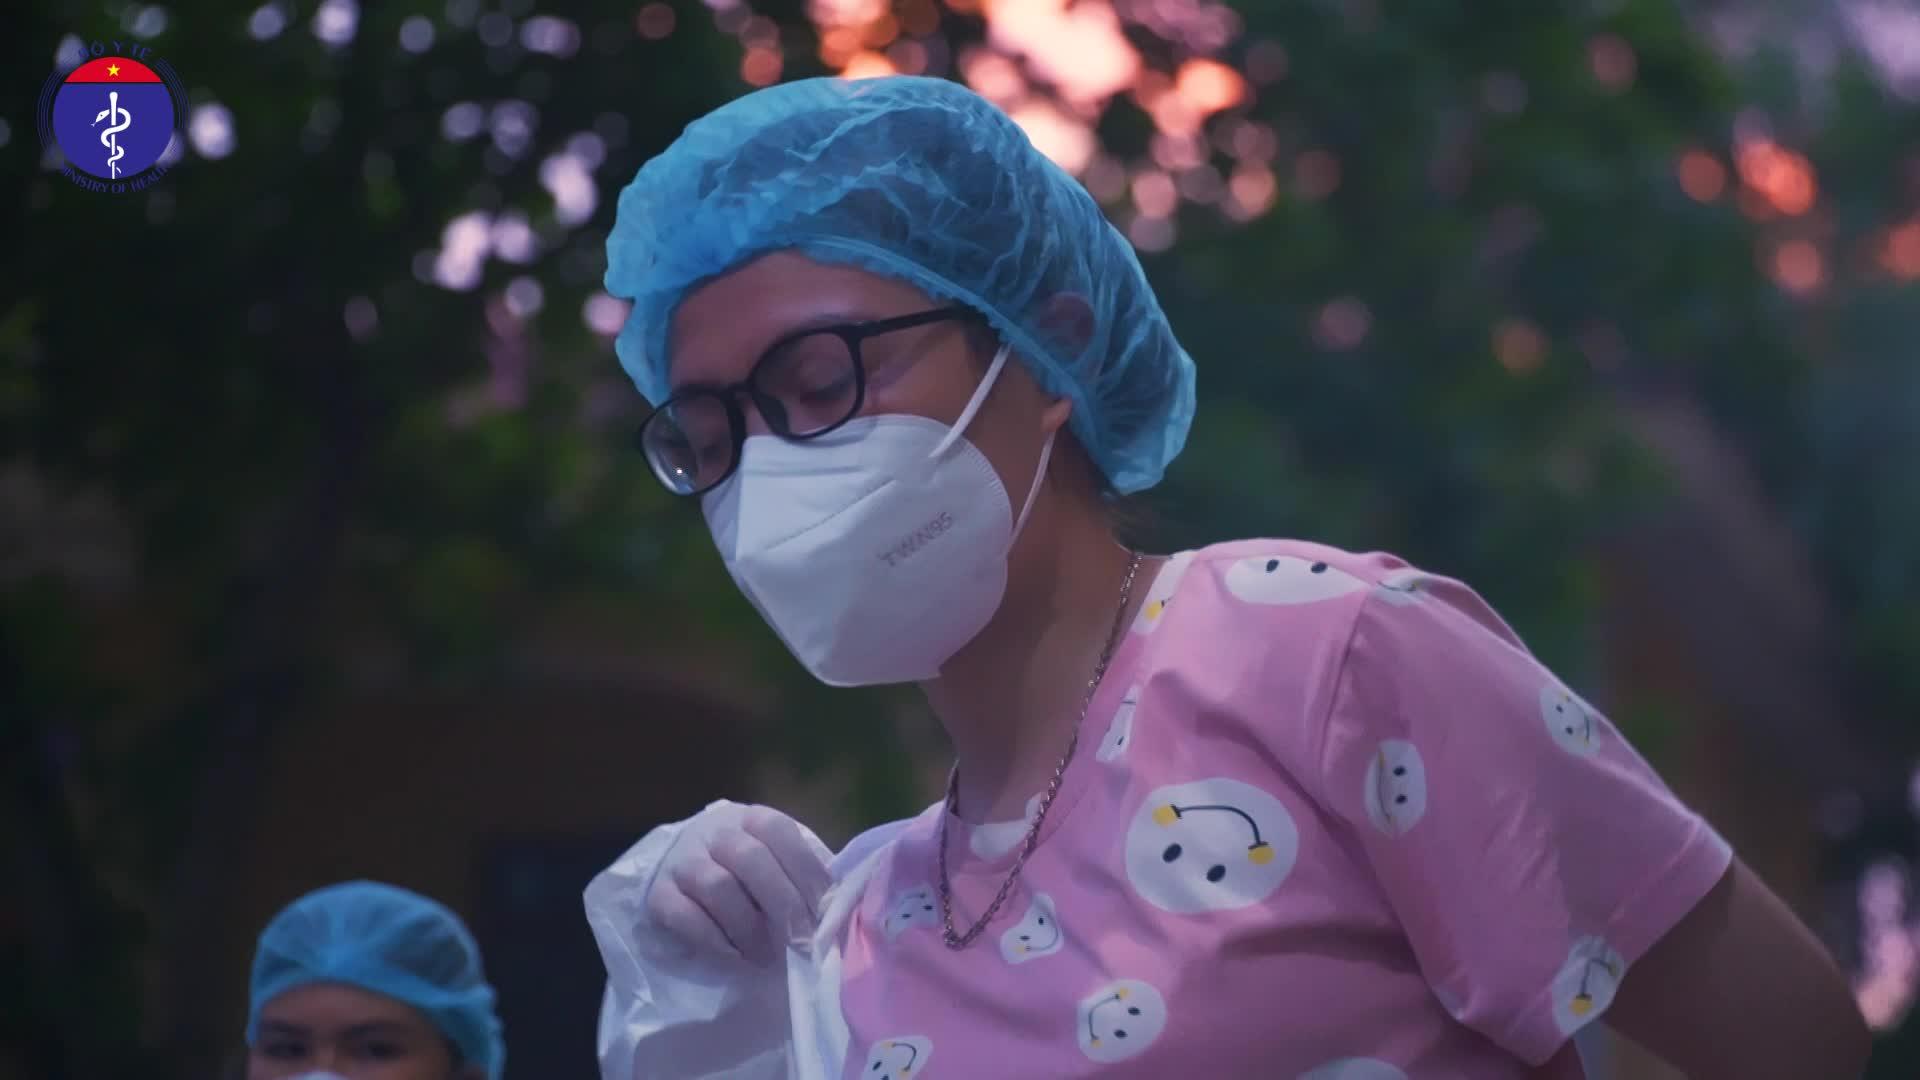 Chuyện Nữ sinh xung phong vào tâm dịch Bắc Giang